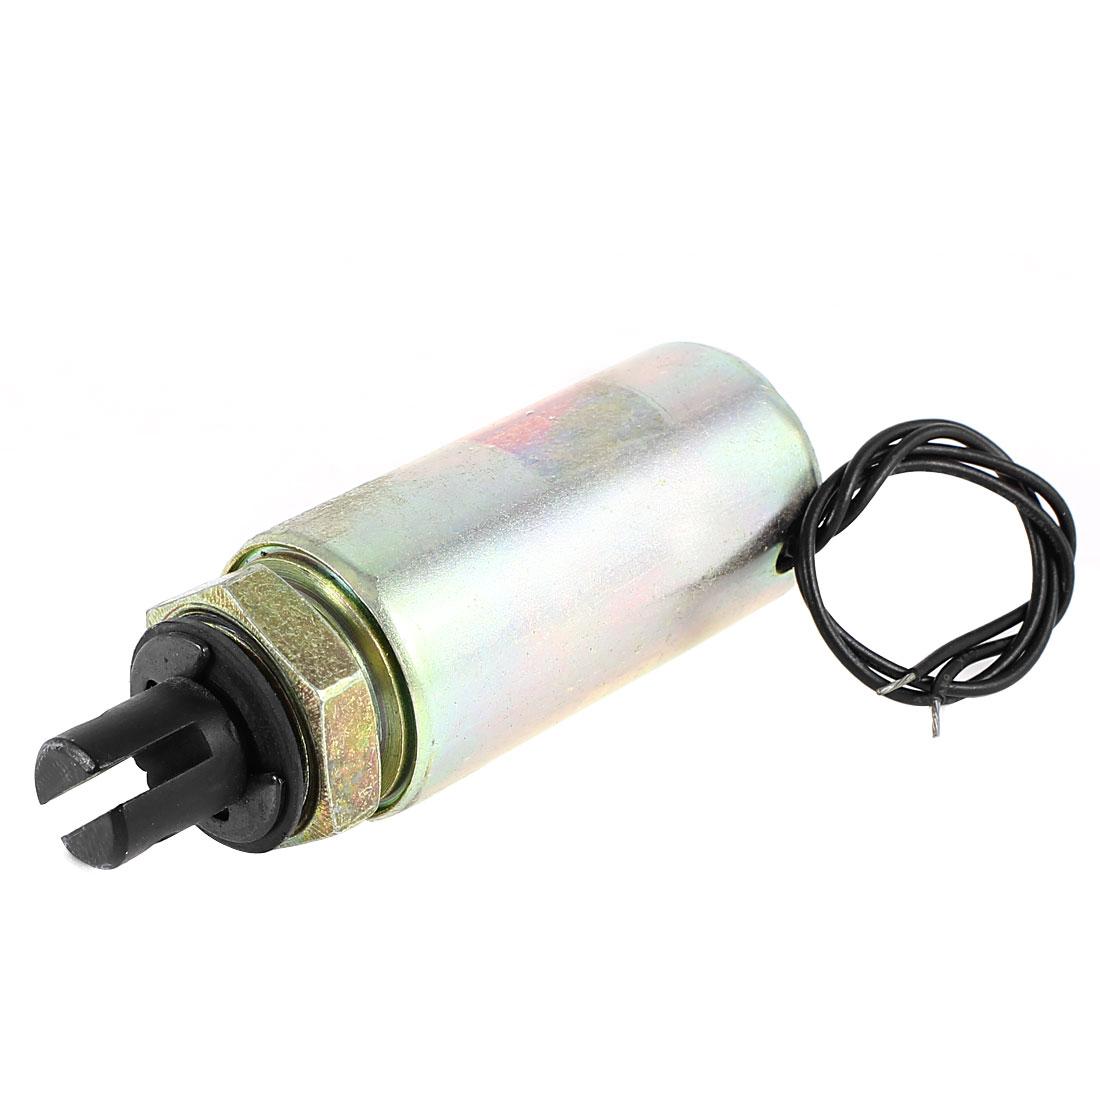 DC 24V 0.4A 10mm Stroke 2.5LB 1.1Kg Force Pull Type Tubular Solenoid Electromagnet